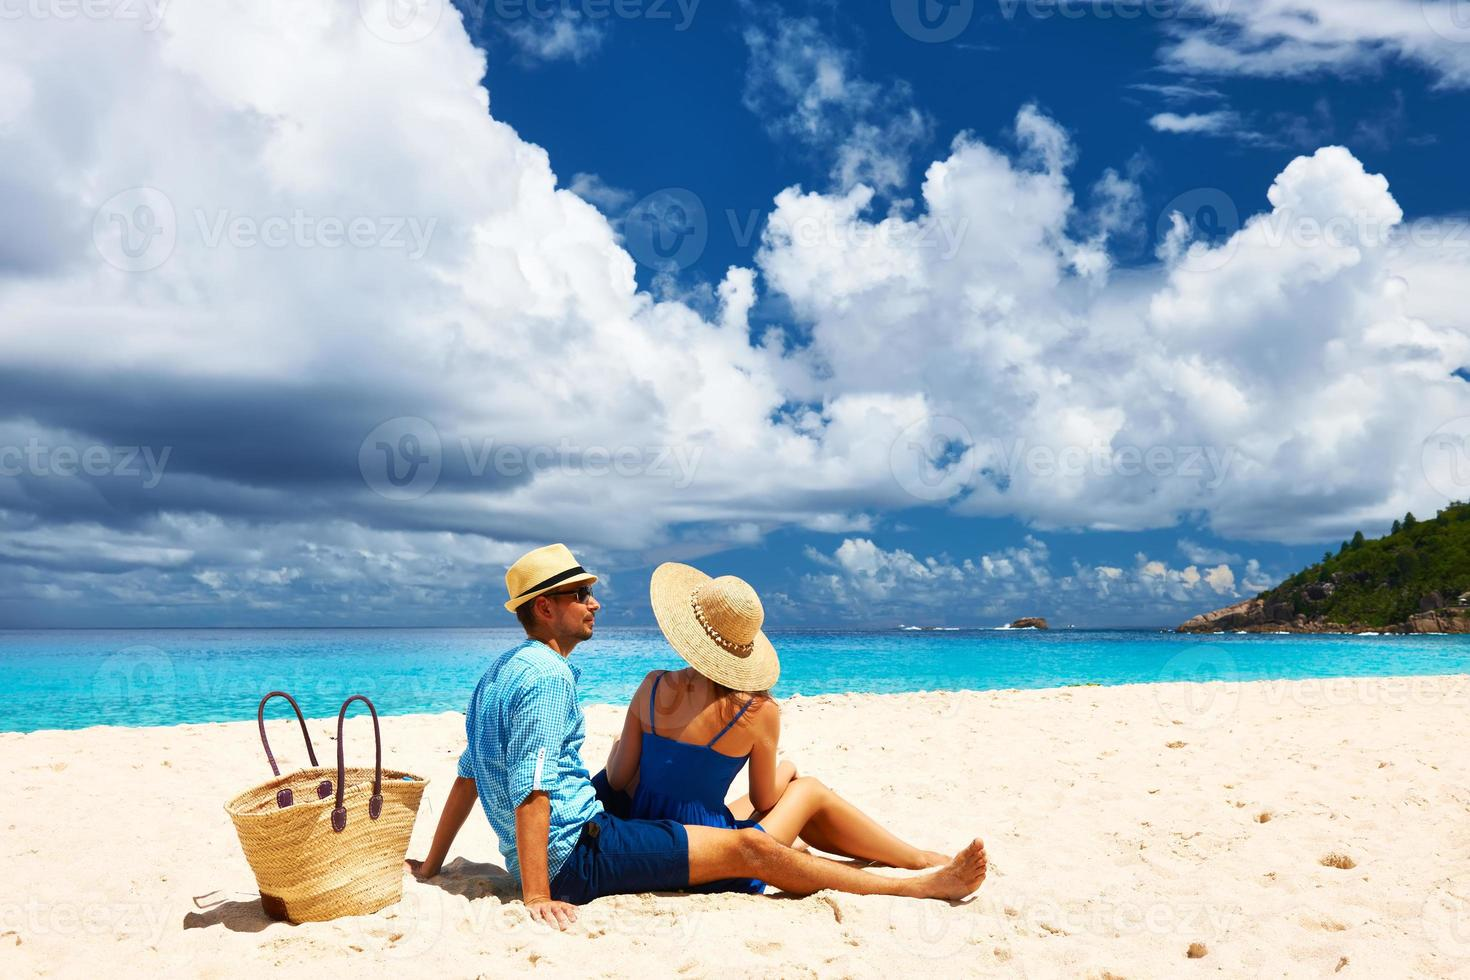 Couple on a beach at Seychelles photo